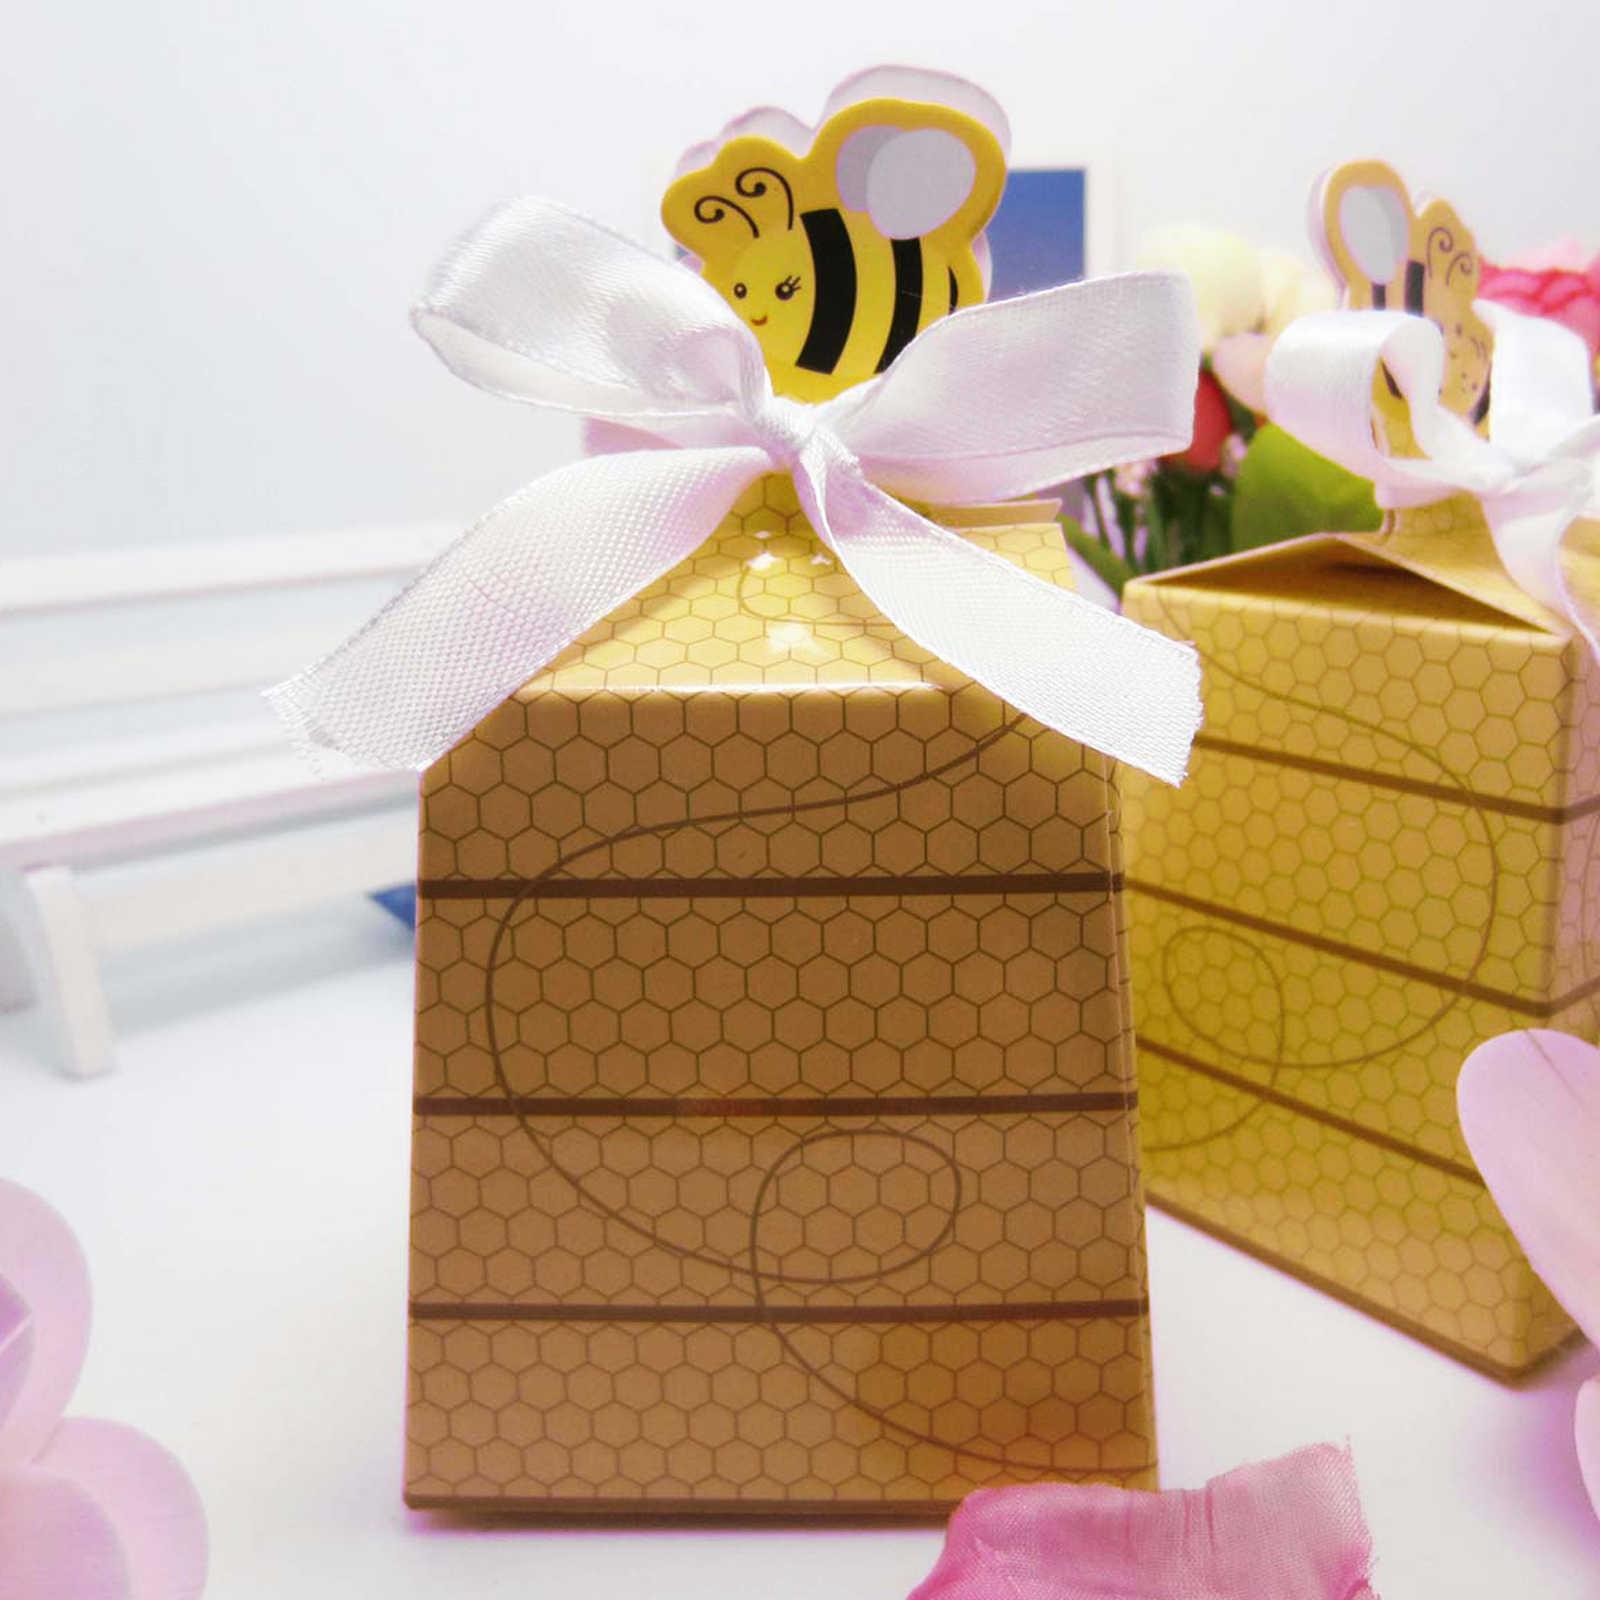 10 pcs Abelha Bonito Caixa De Doces Bebê Chuveiro Favor Caixa de Doces de Papel Dos Desenhos Animados Adoráveis Crianças Decoração Da Festa de Aniversário Do Bebê Recém-nascido presentes Decoração